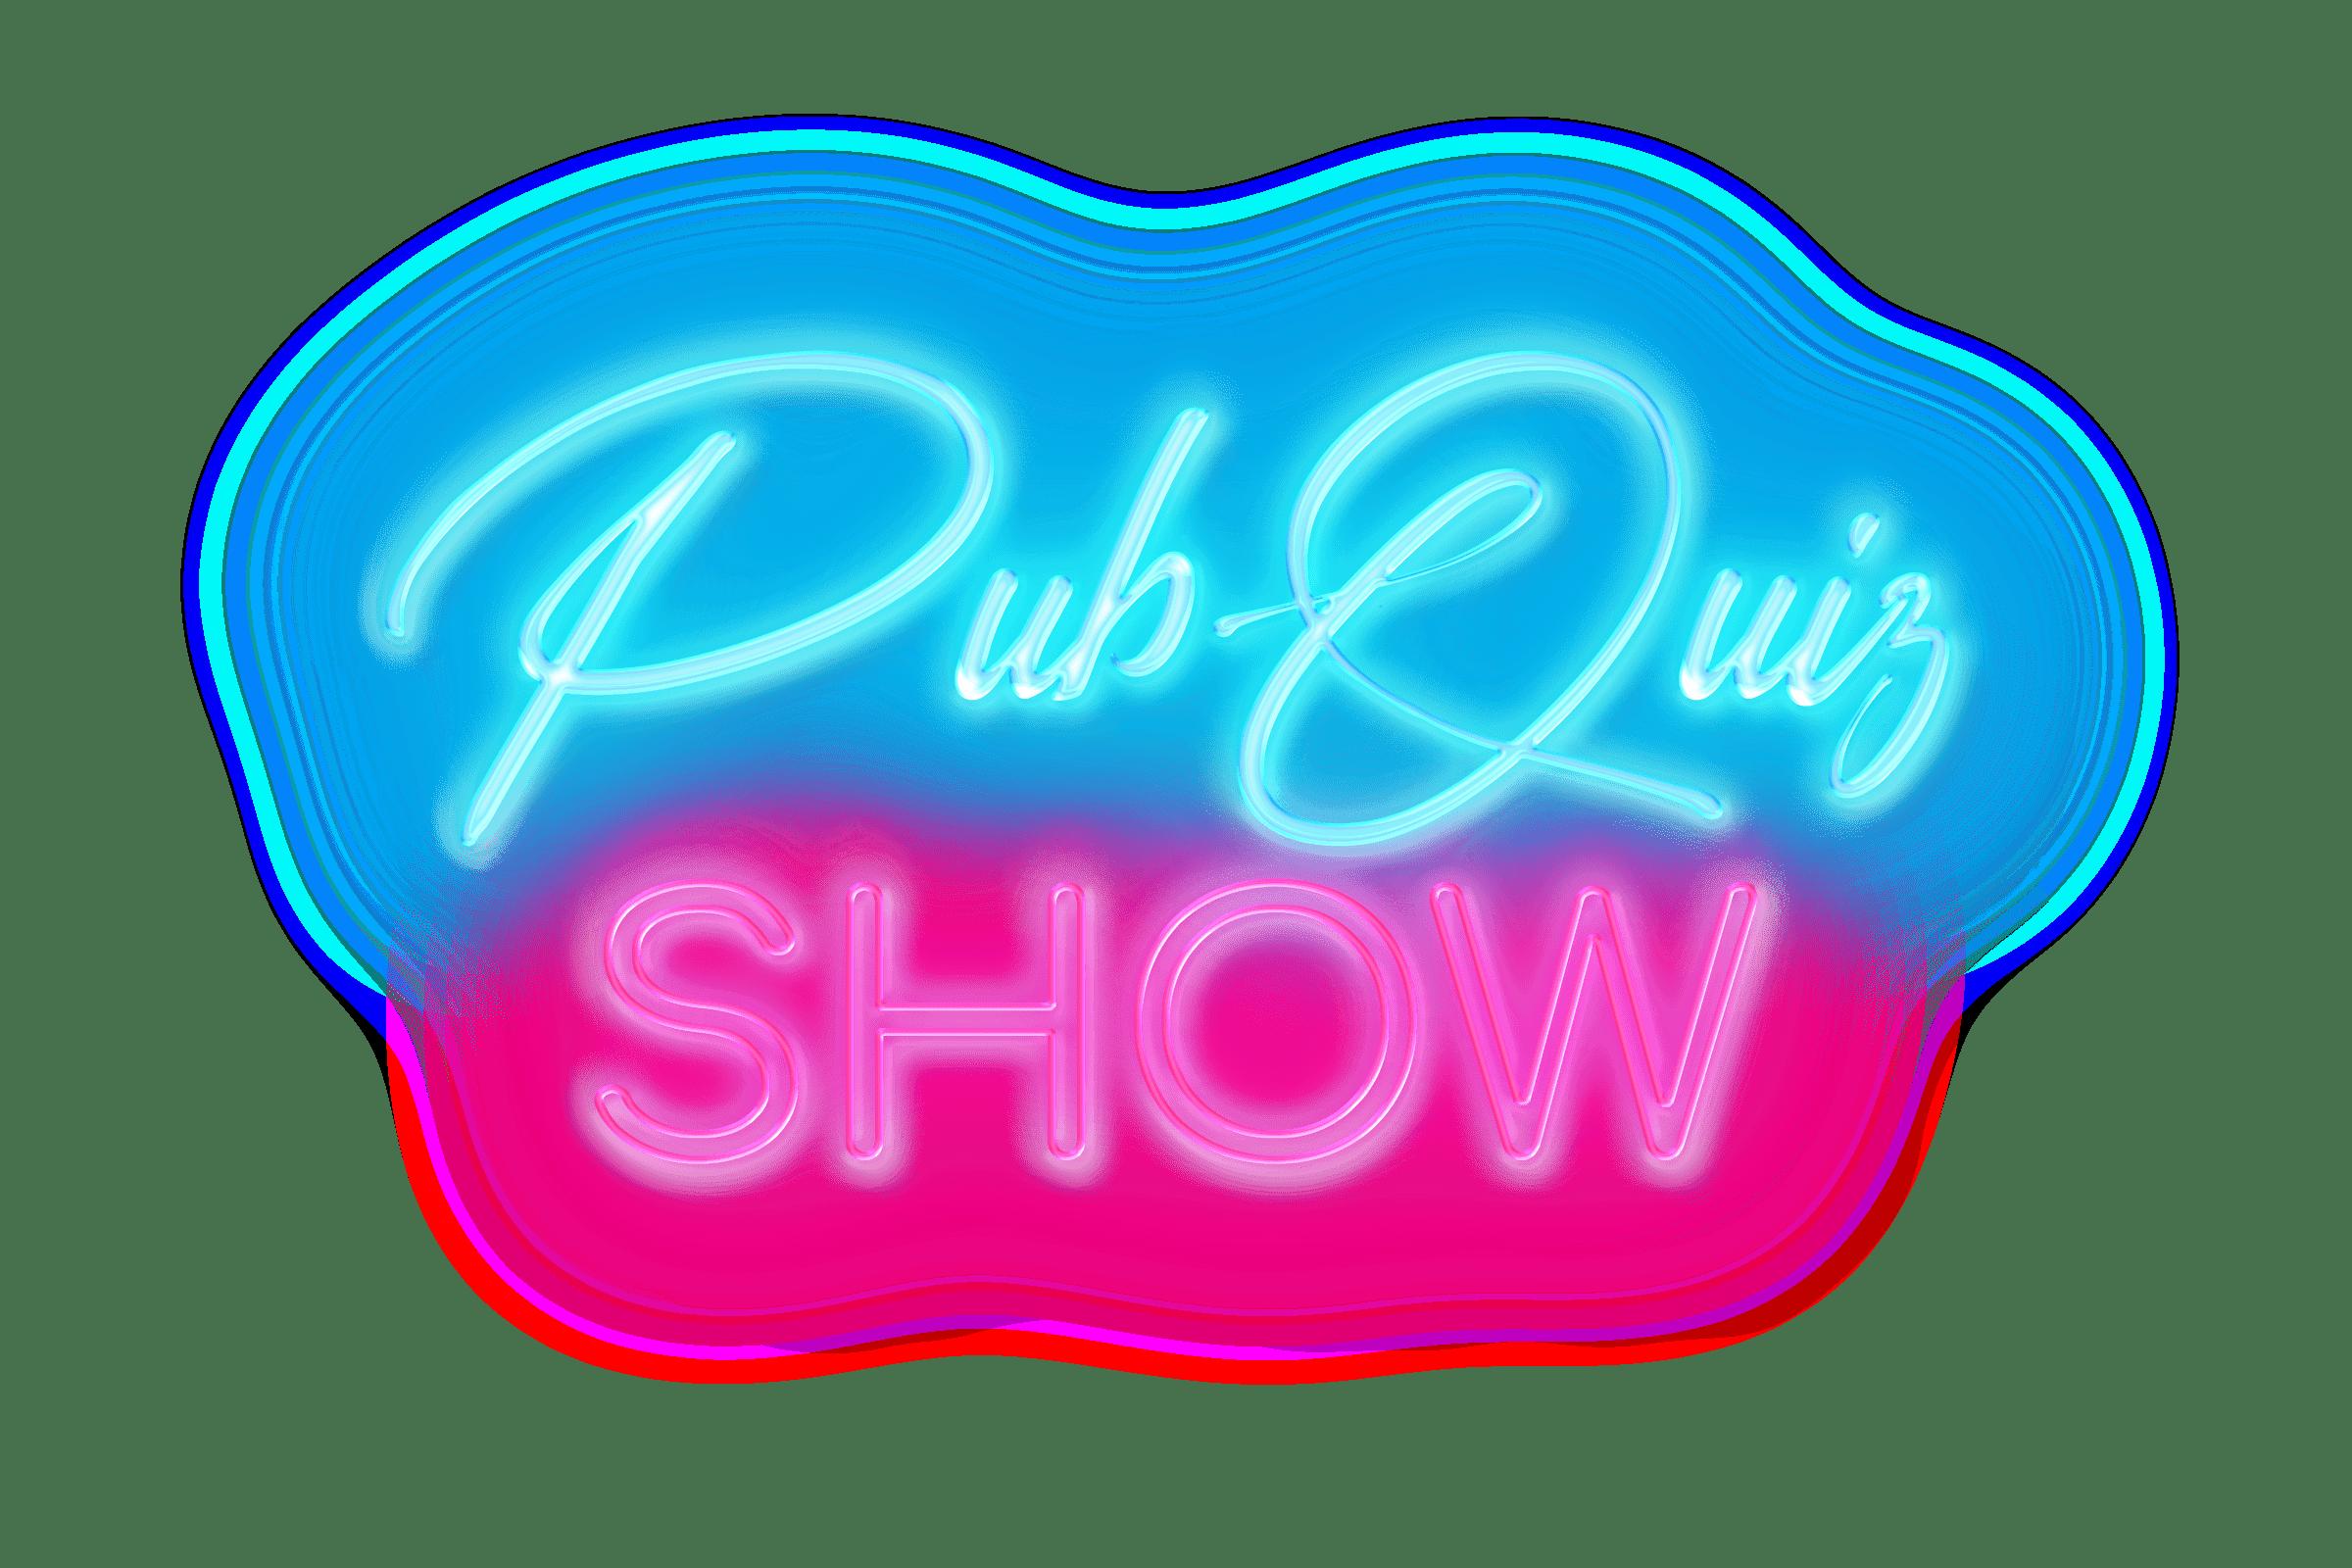 PubQuiz Show